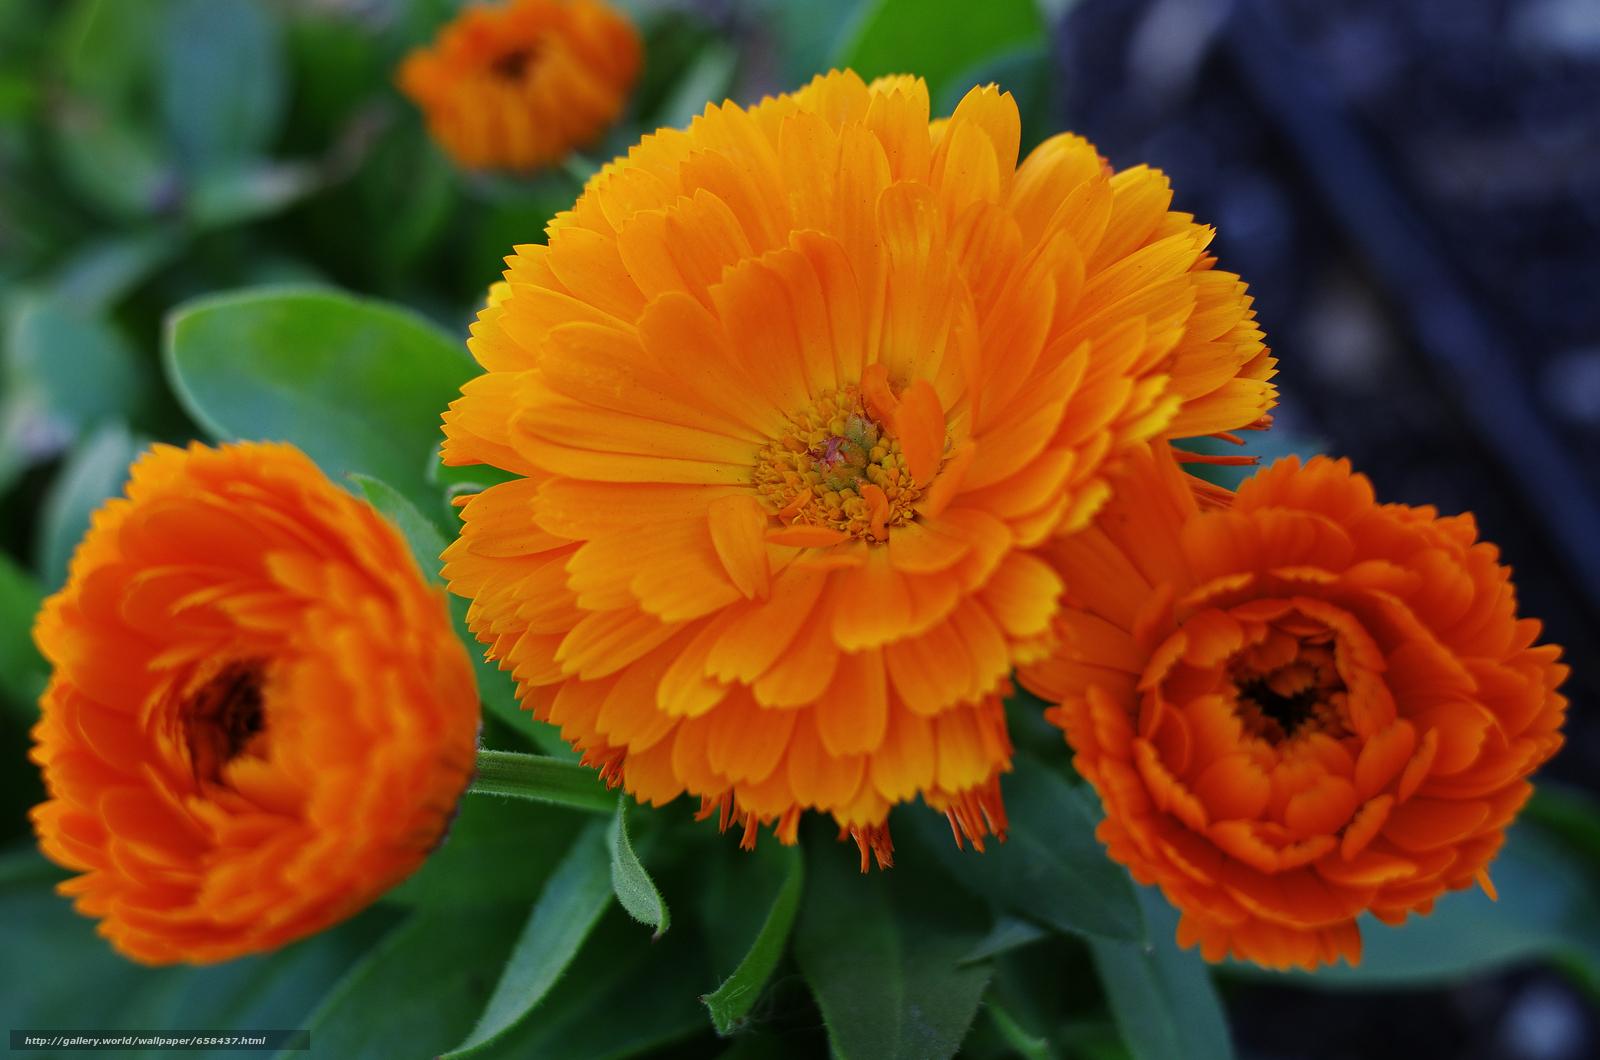 下载壁纸 花,  花卉,  植物群 免费为您的桌面分辨率的壁纸 4673x3095 — 图片 №658437